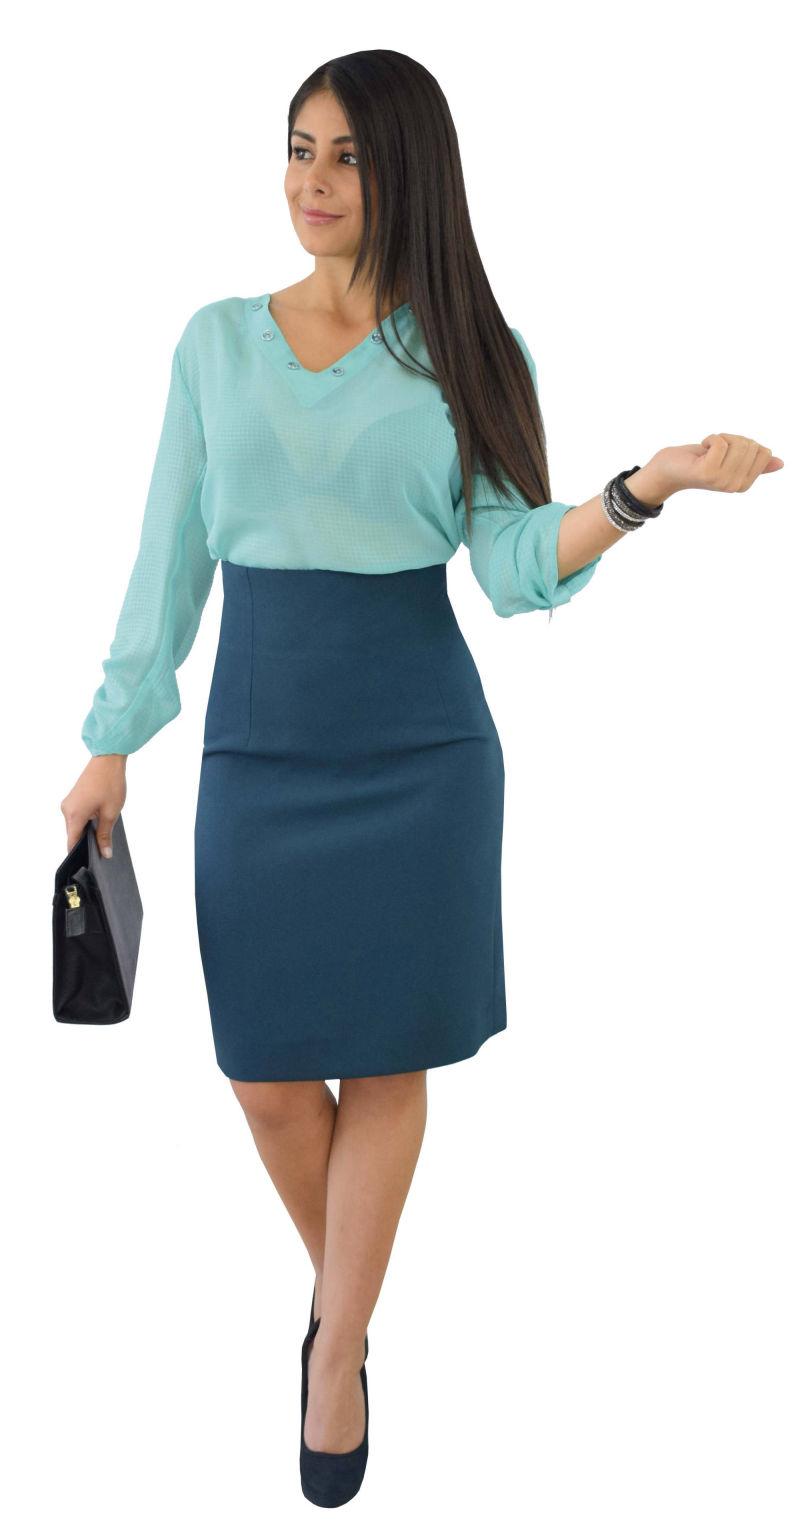 Falda Talle Alto Con Blusa - Ken Chad Consulting Ltd